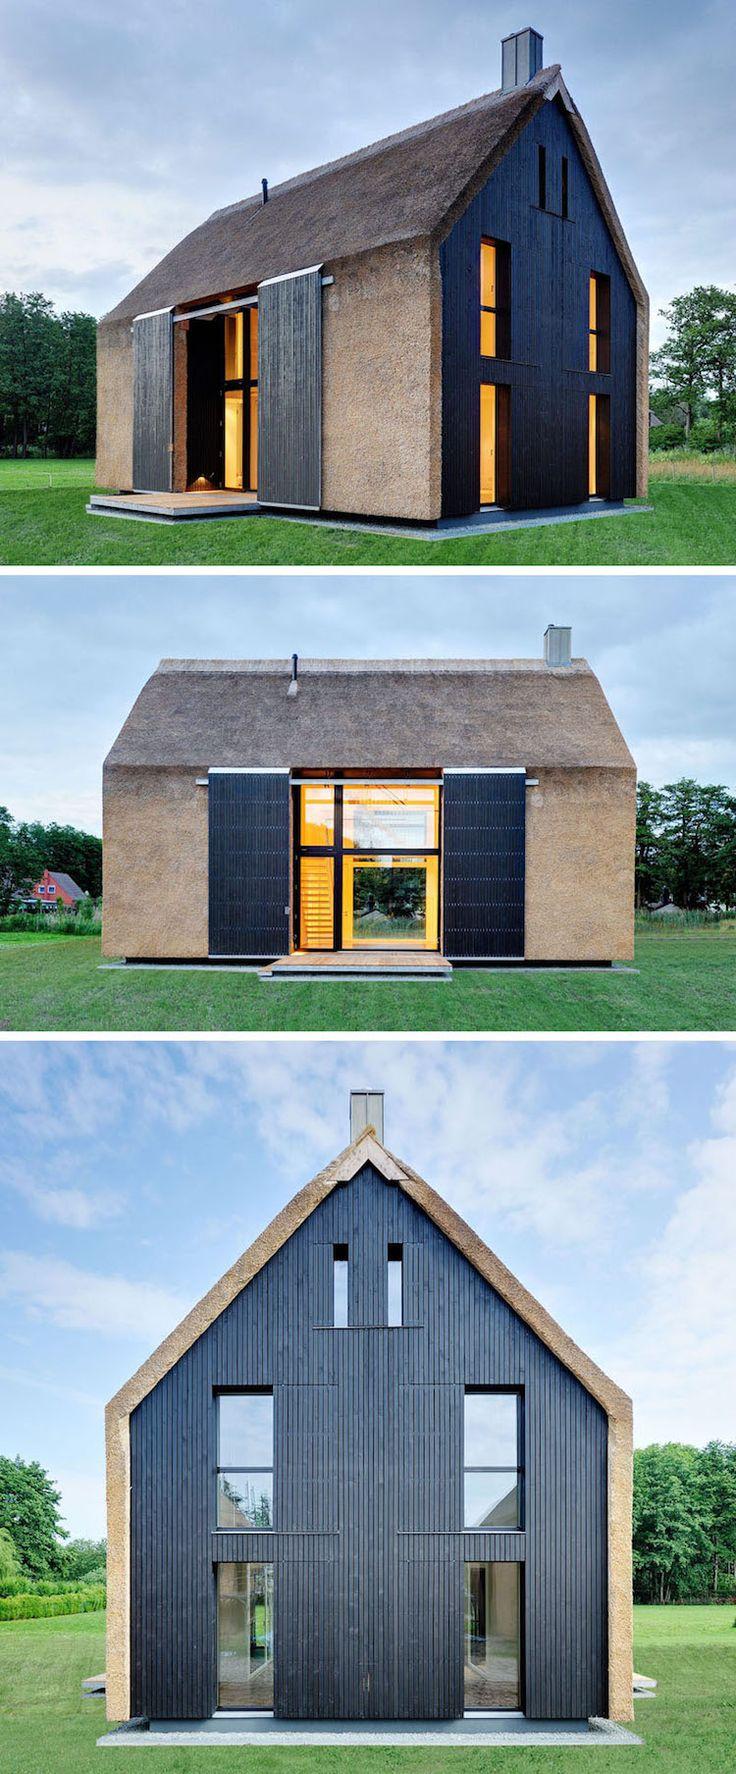 toit de chaume lment de larchitecture moderne unique en son genre maison boispetite - Maison Moderne Bois